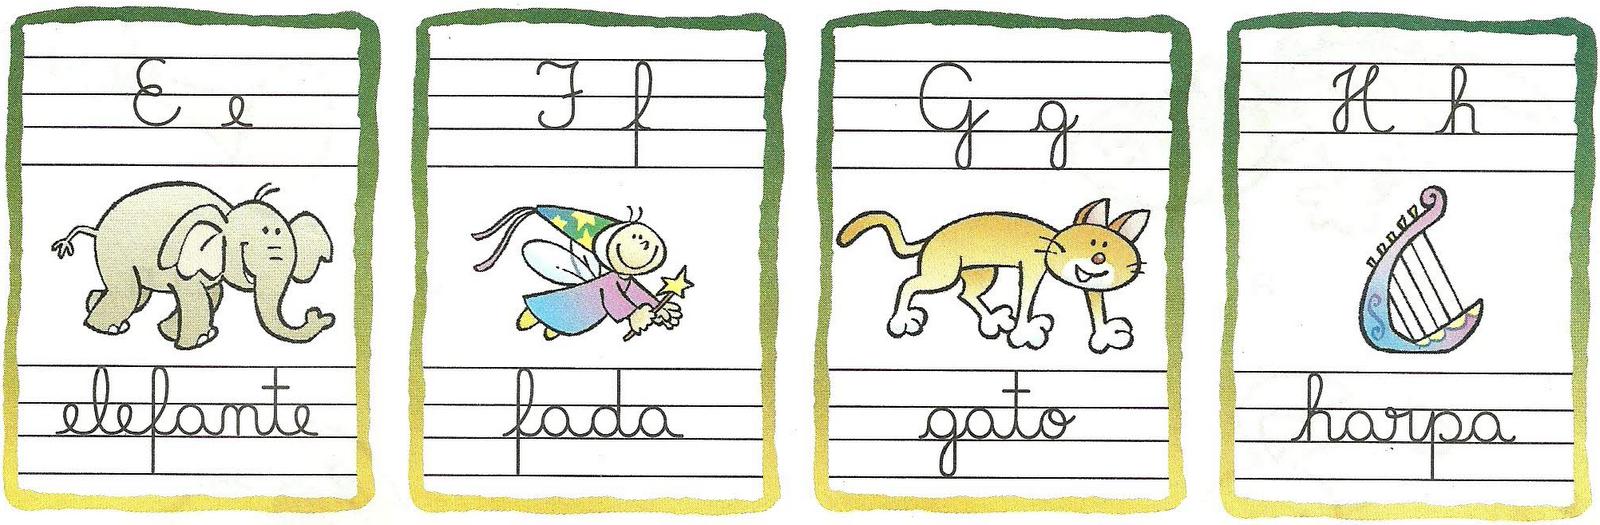 Alfabeto Ilustrado Com Letras Cursivas So Escola